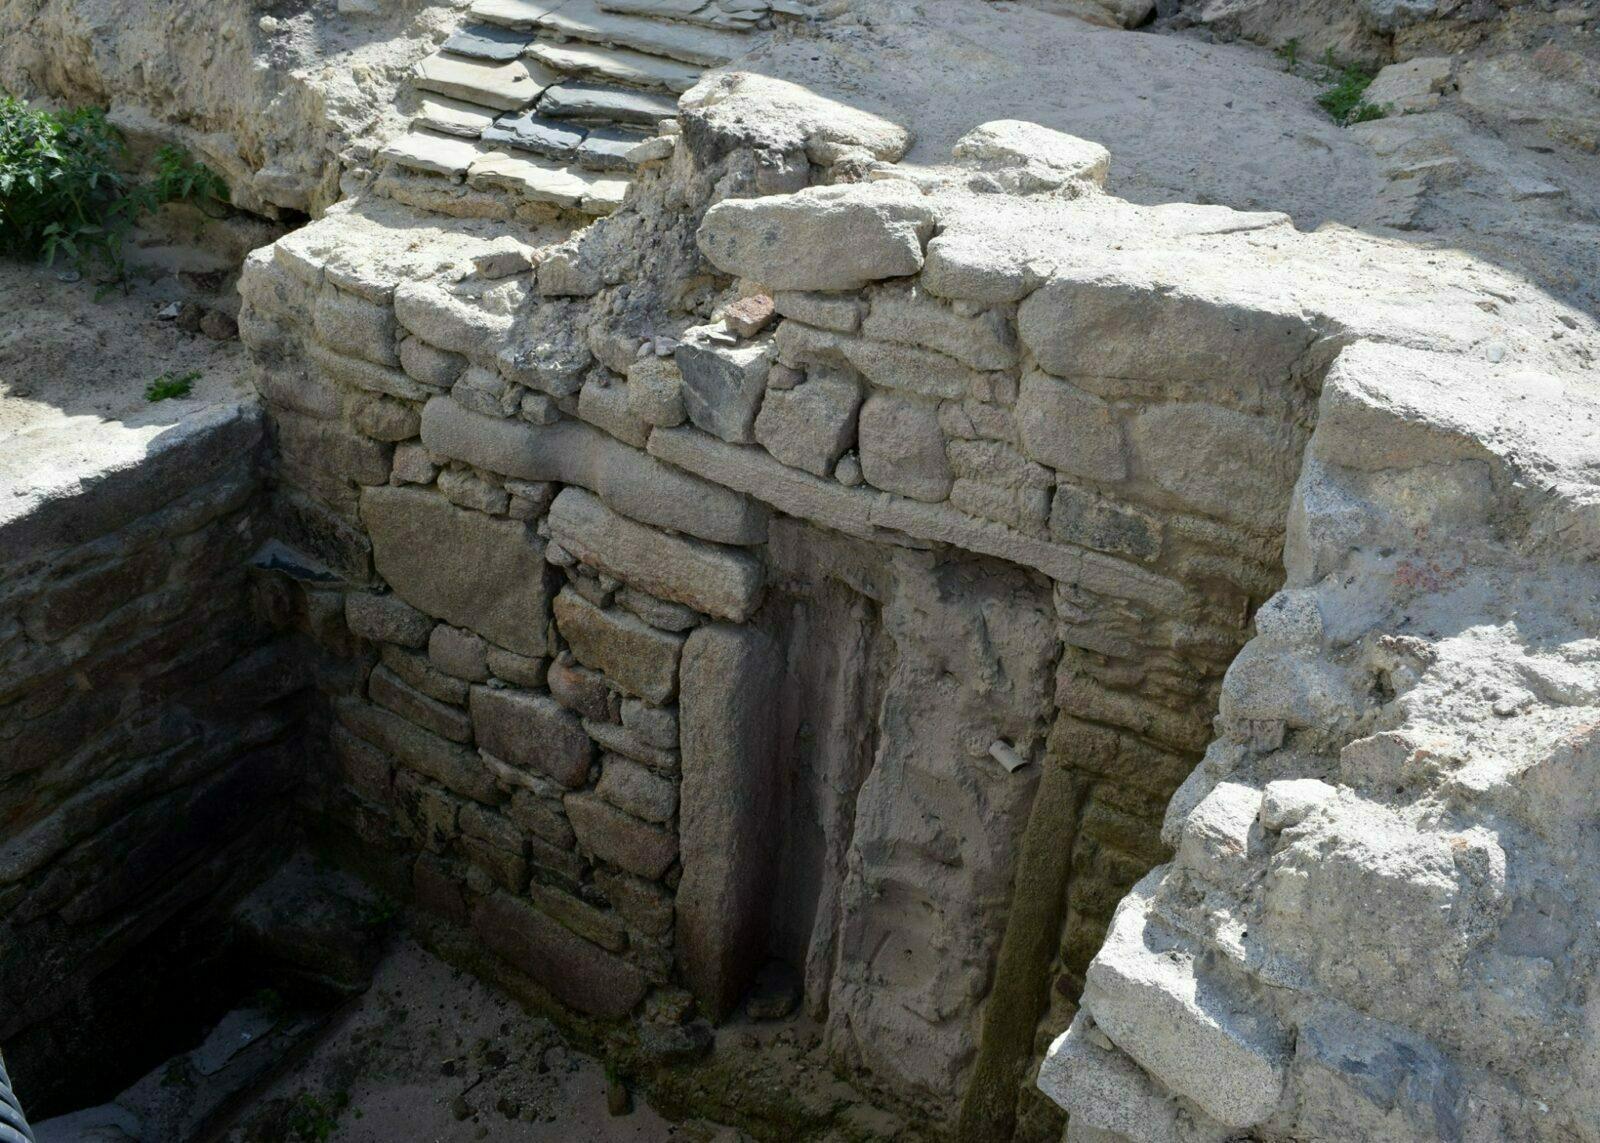 La sauna castreña descubierta en San Cibrao será tapada de nuevo para acabar las obras de saneamiento